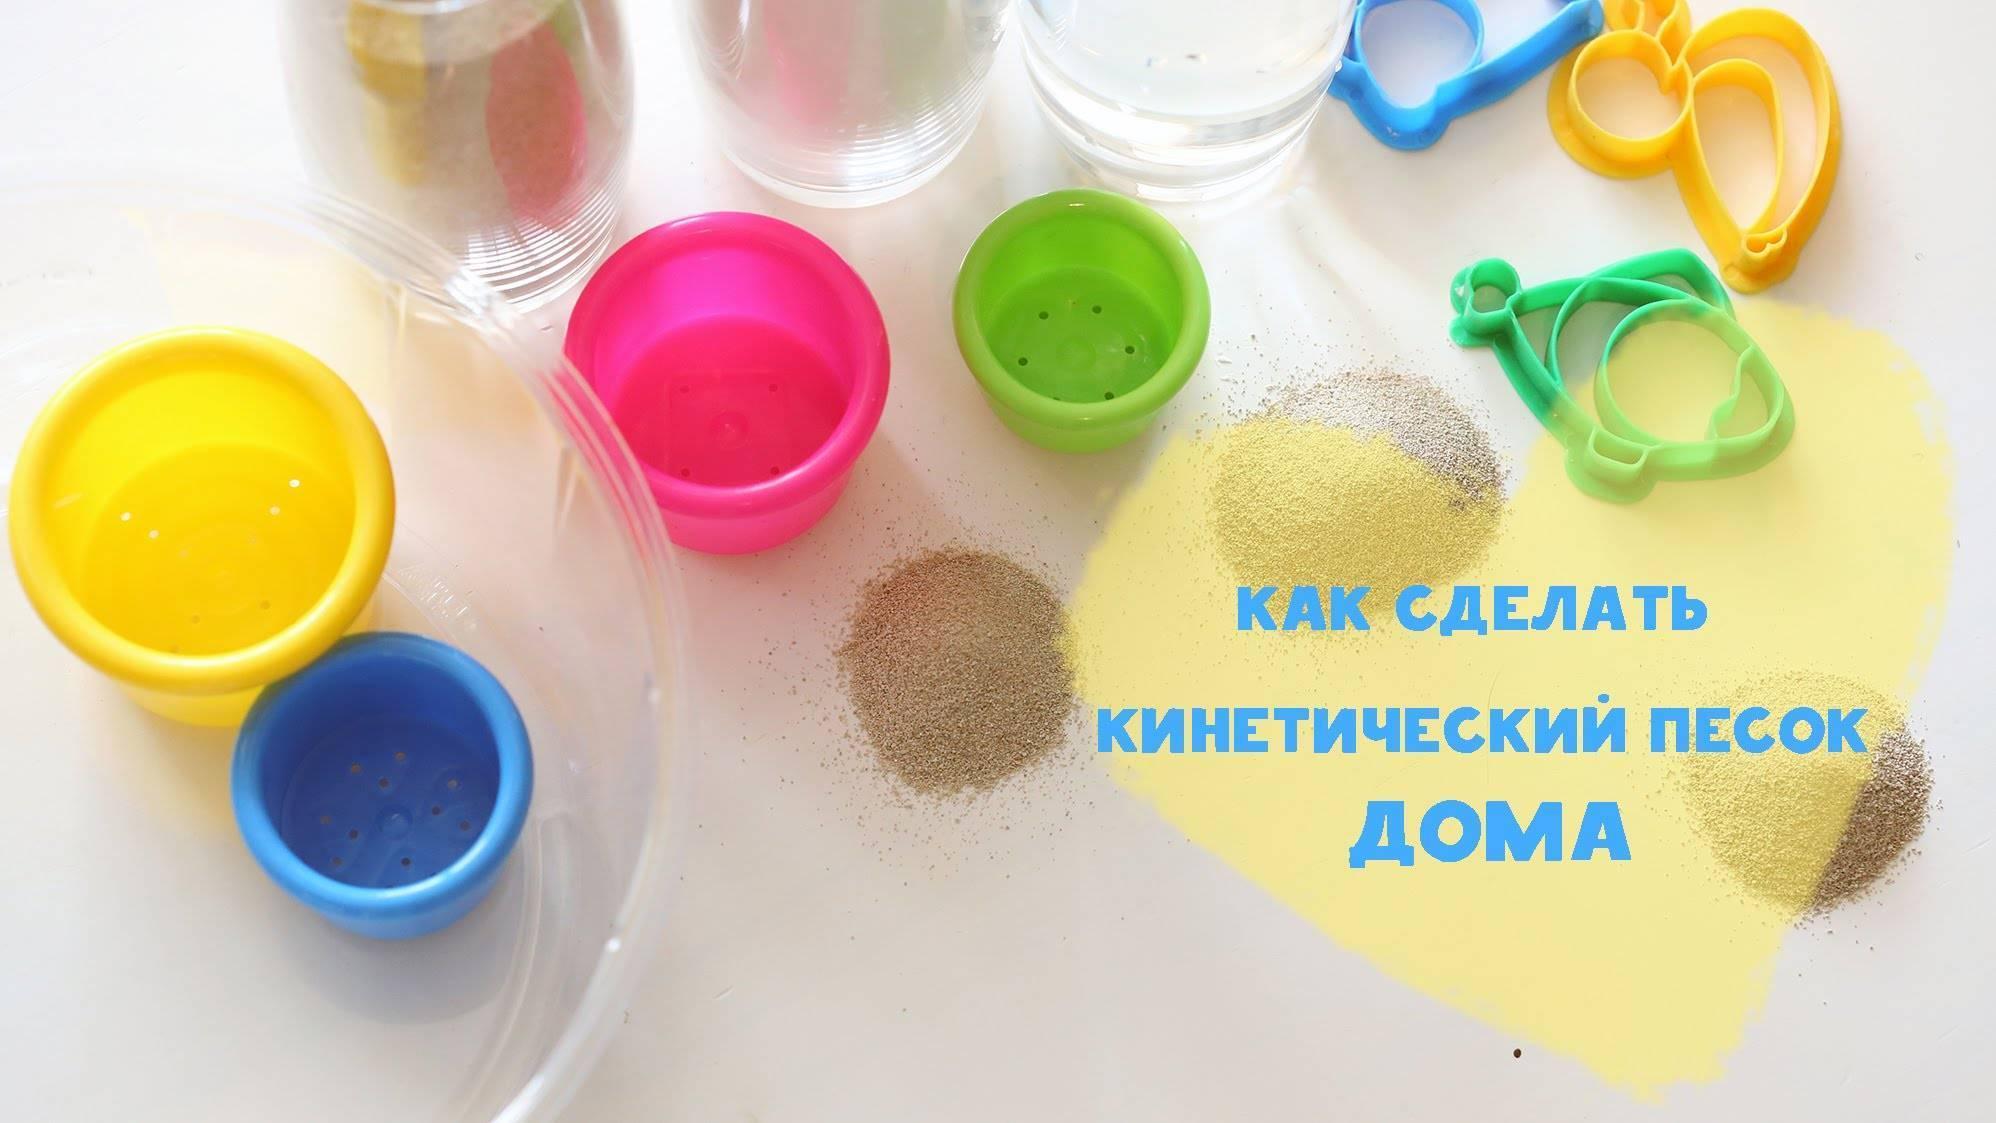 Как сделать кинетический песок в домашних условиях своими руками - состав, рецепты, фото и видео